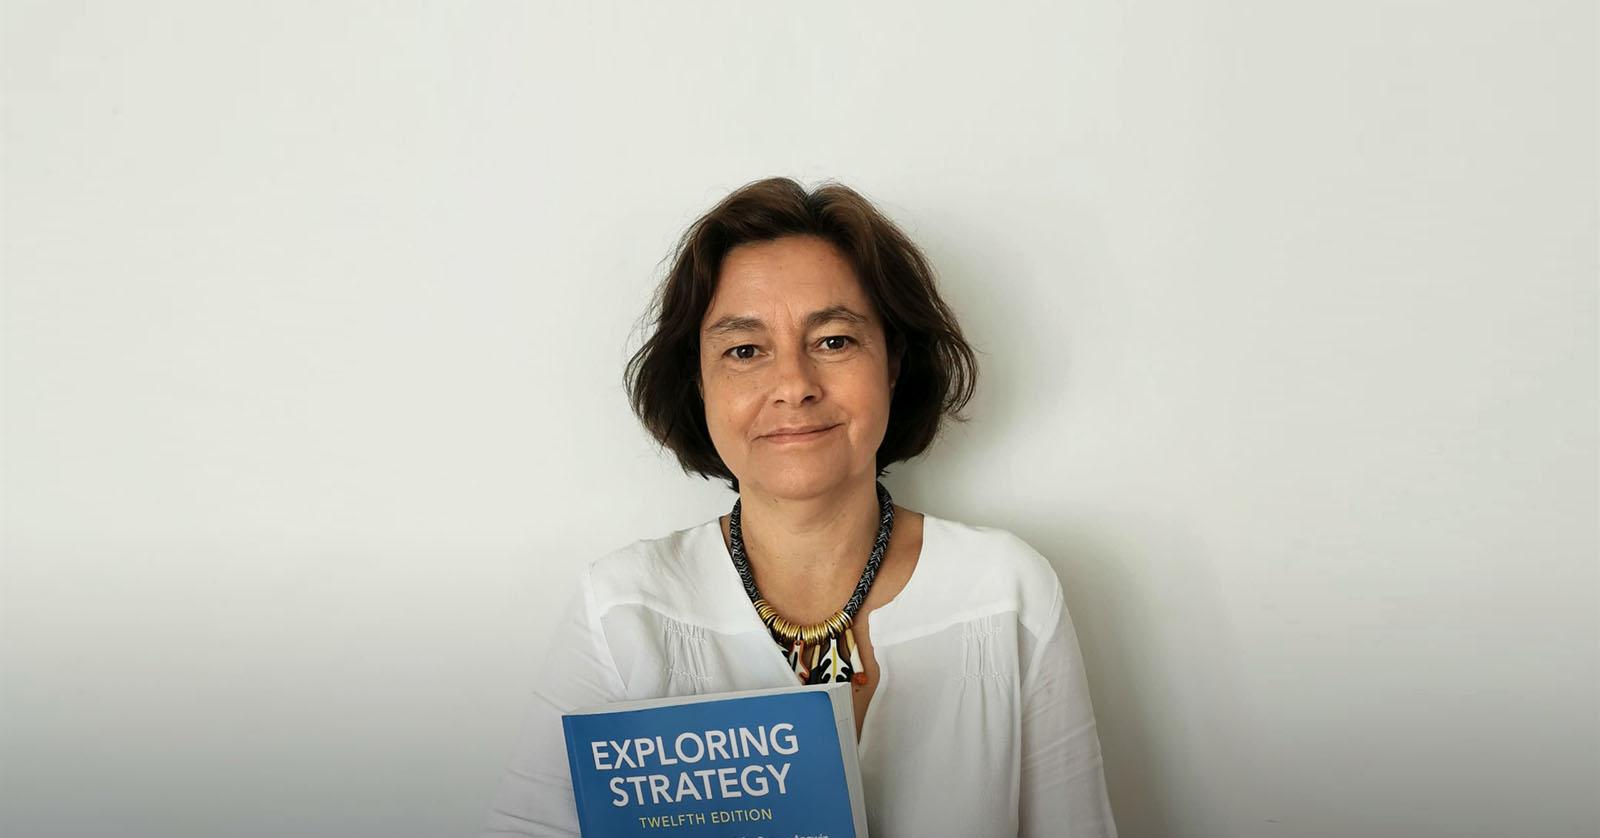 Catarina Roseira: a paixão pelo marketing na academia e nos negócios